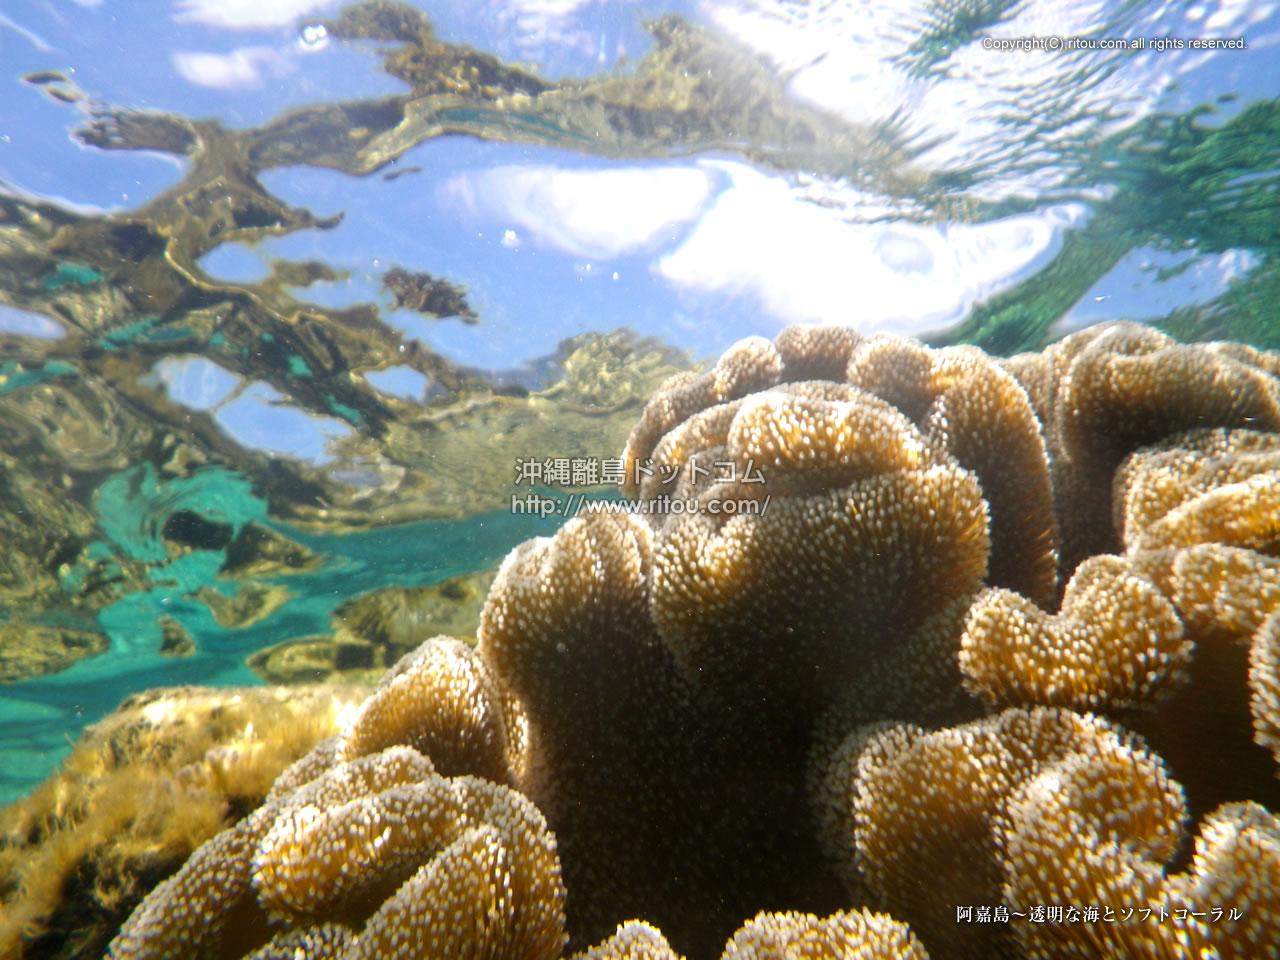 阿嘉島〜透明な海とソフトコーラル